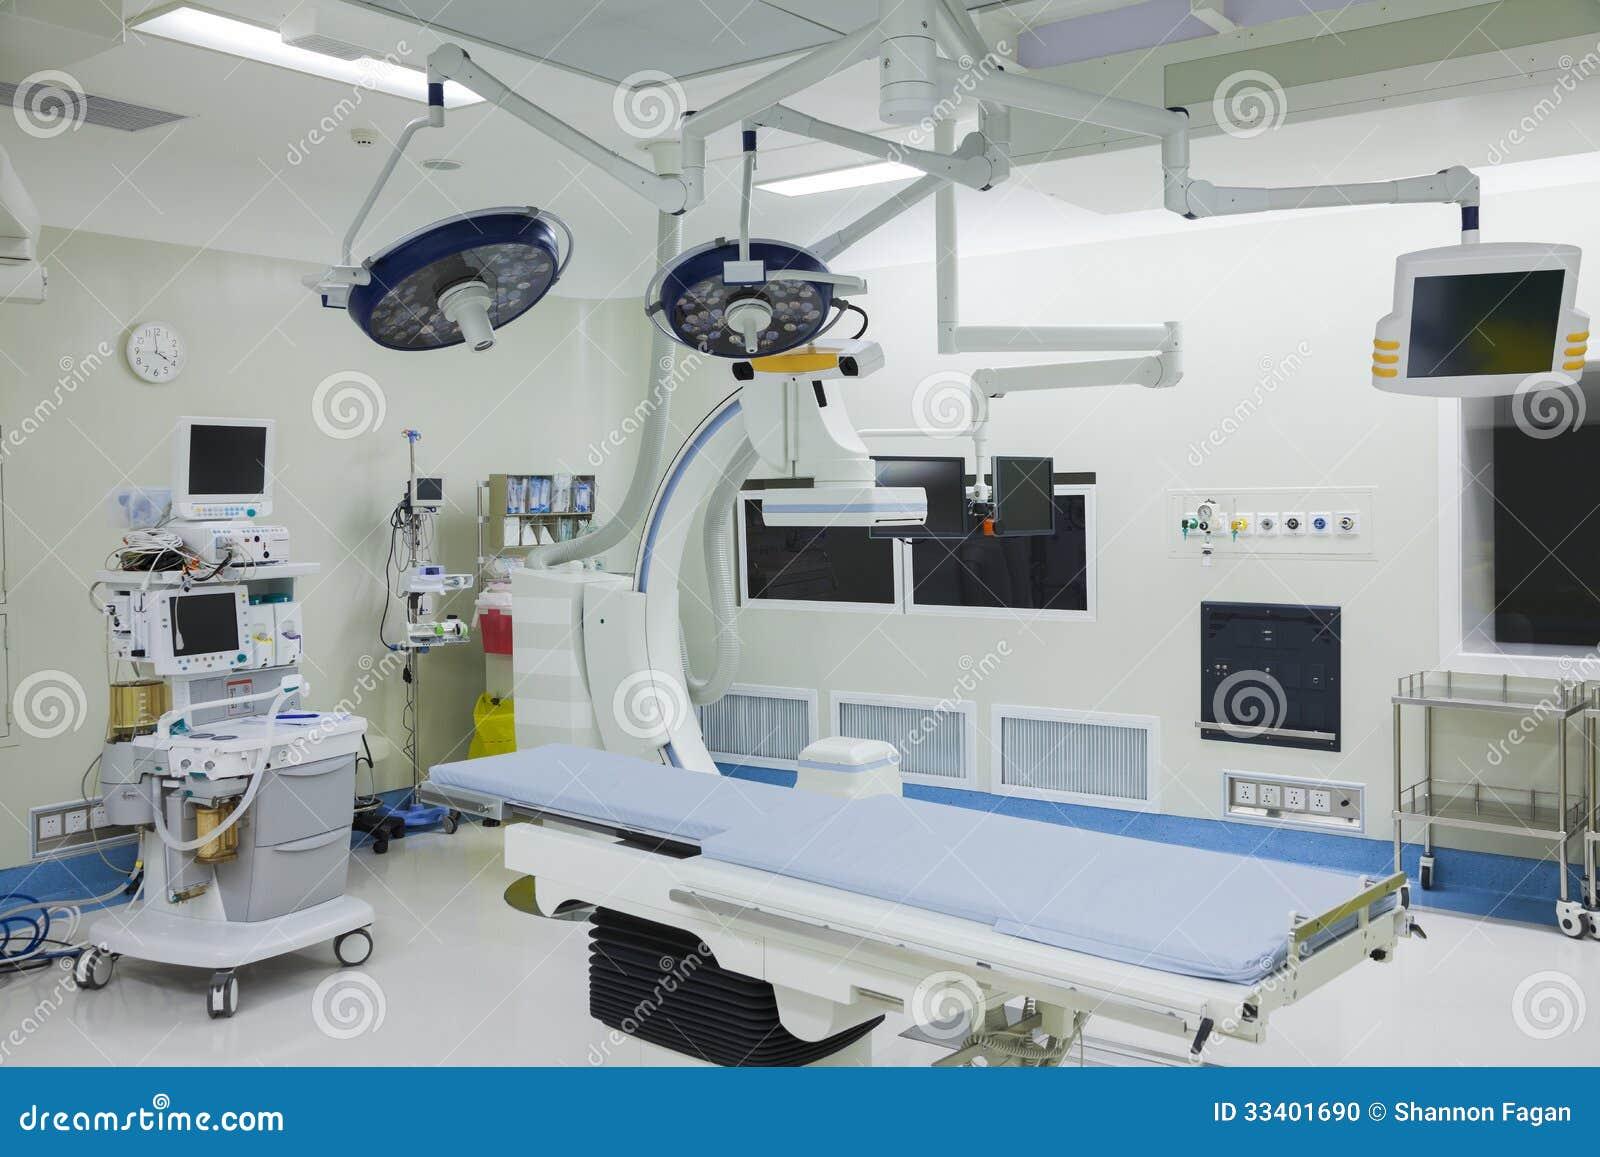 Operationsraum mit chirurgischer Ausrüstung, Krankenhaus, Peking, China